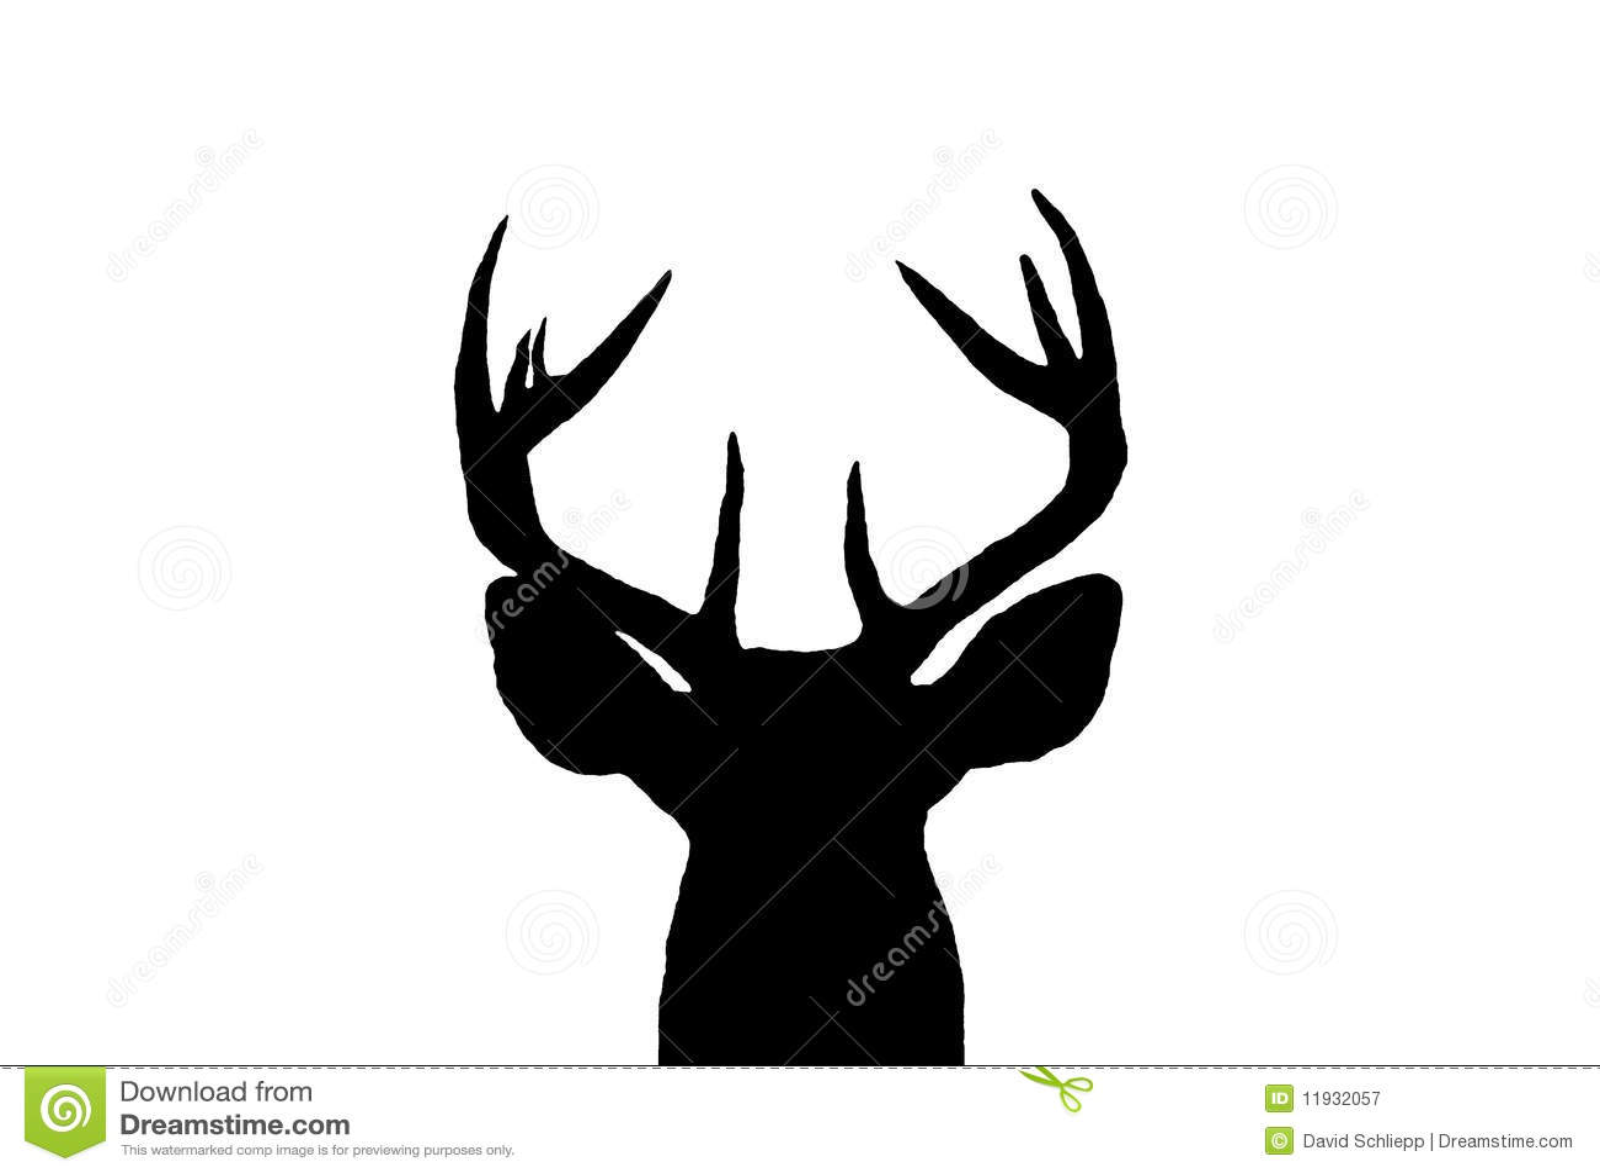 Reindeer head silhouette whitetail deer buck silhouette